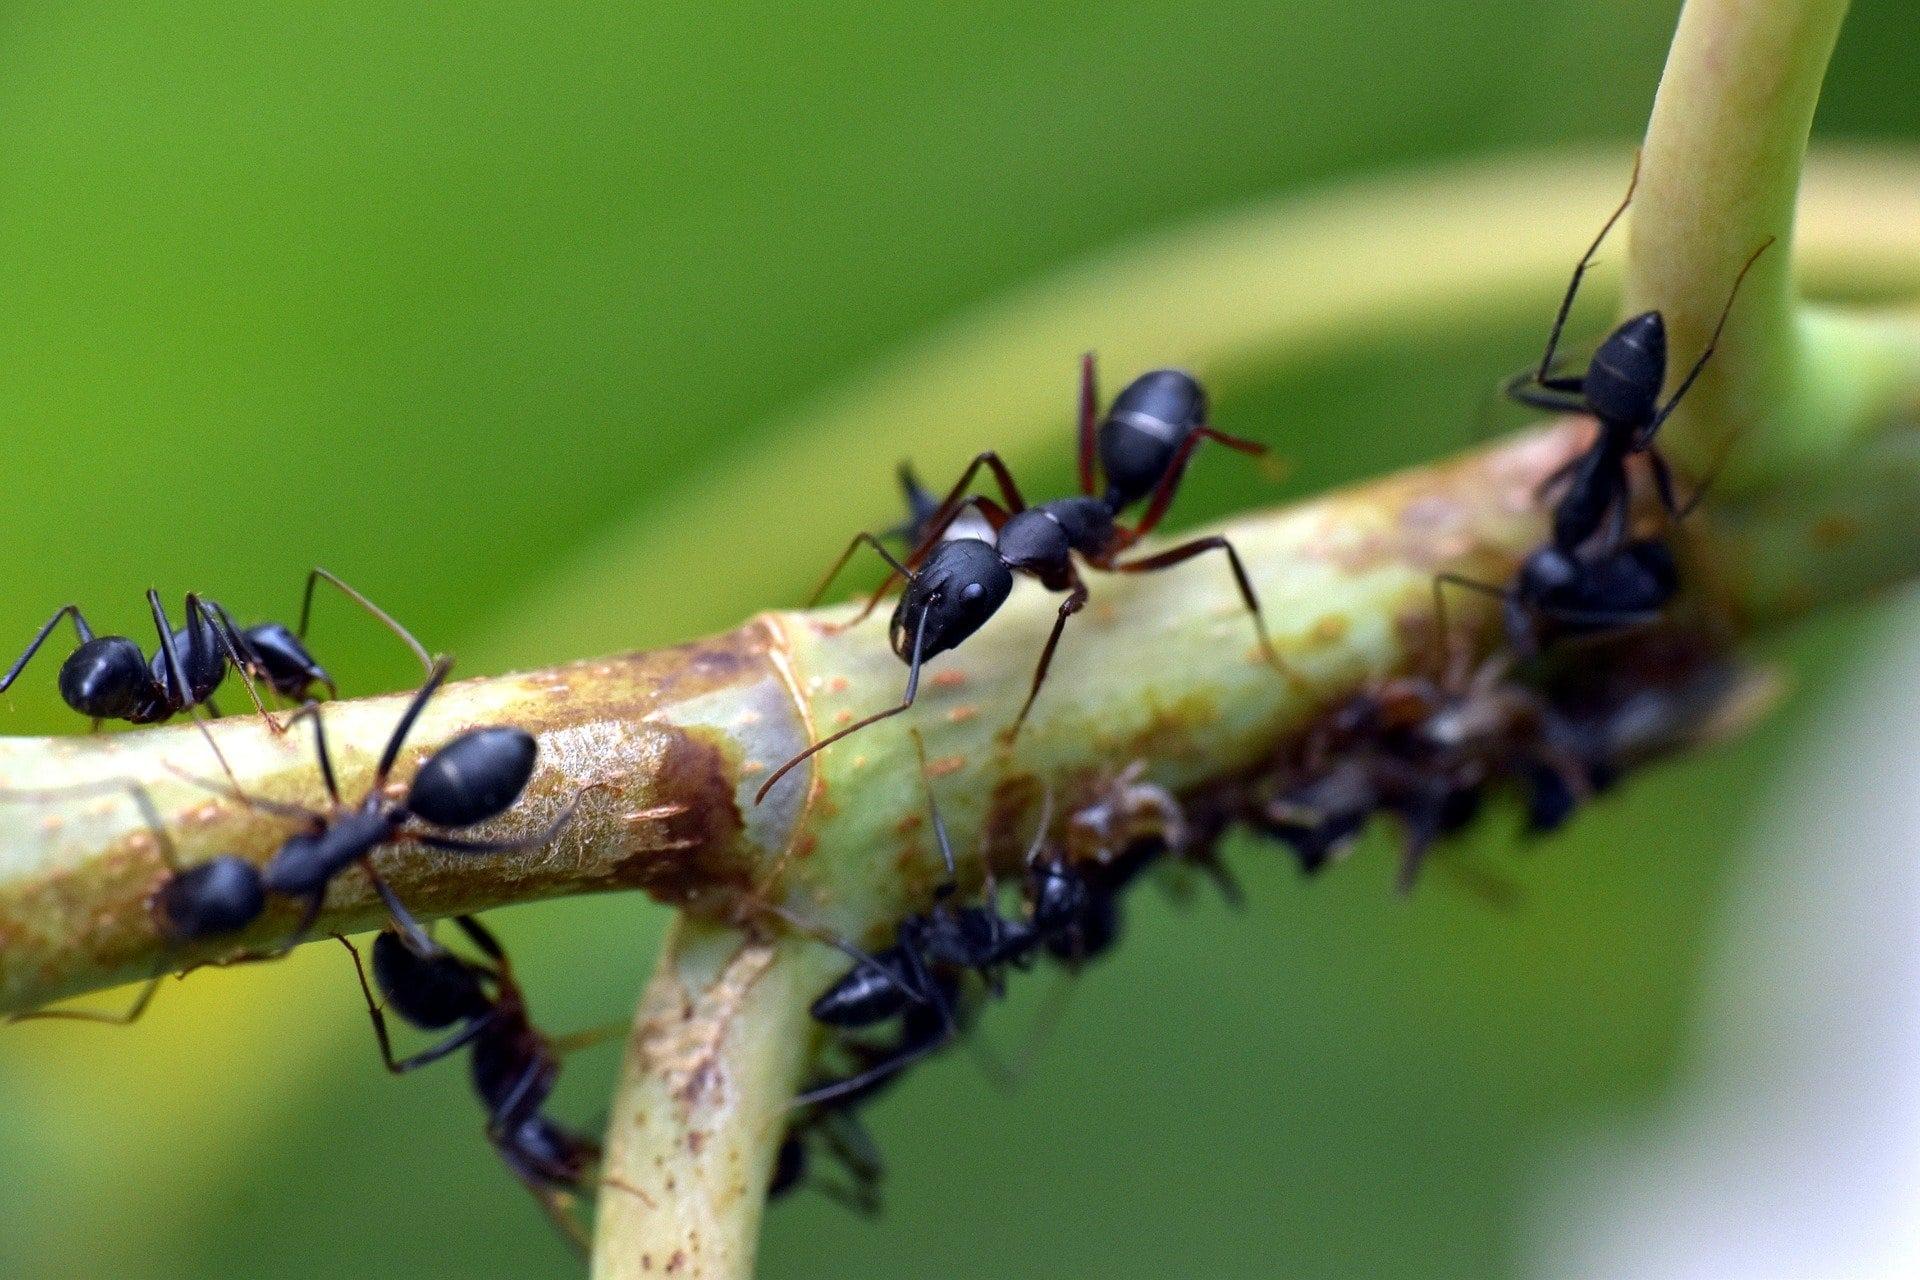 Des fourmis dans un jardin